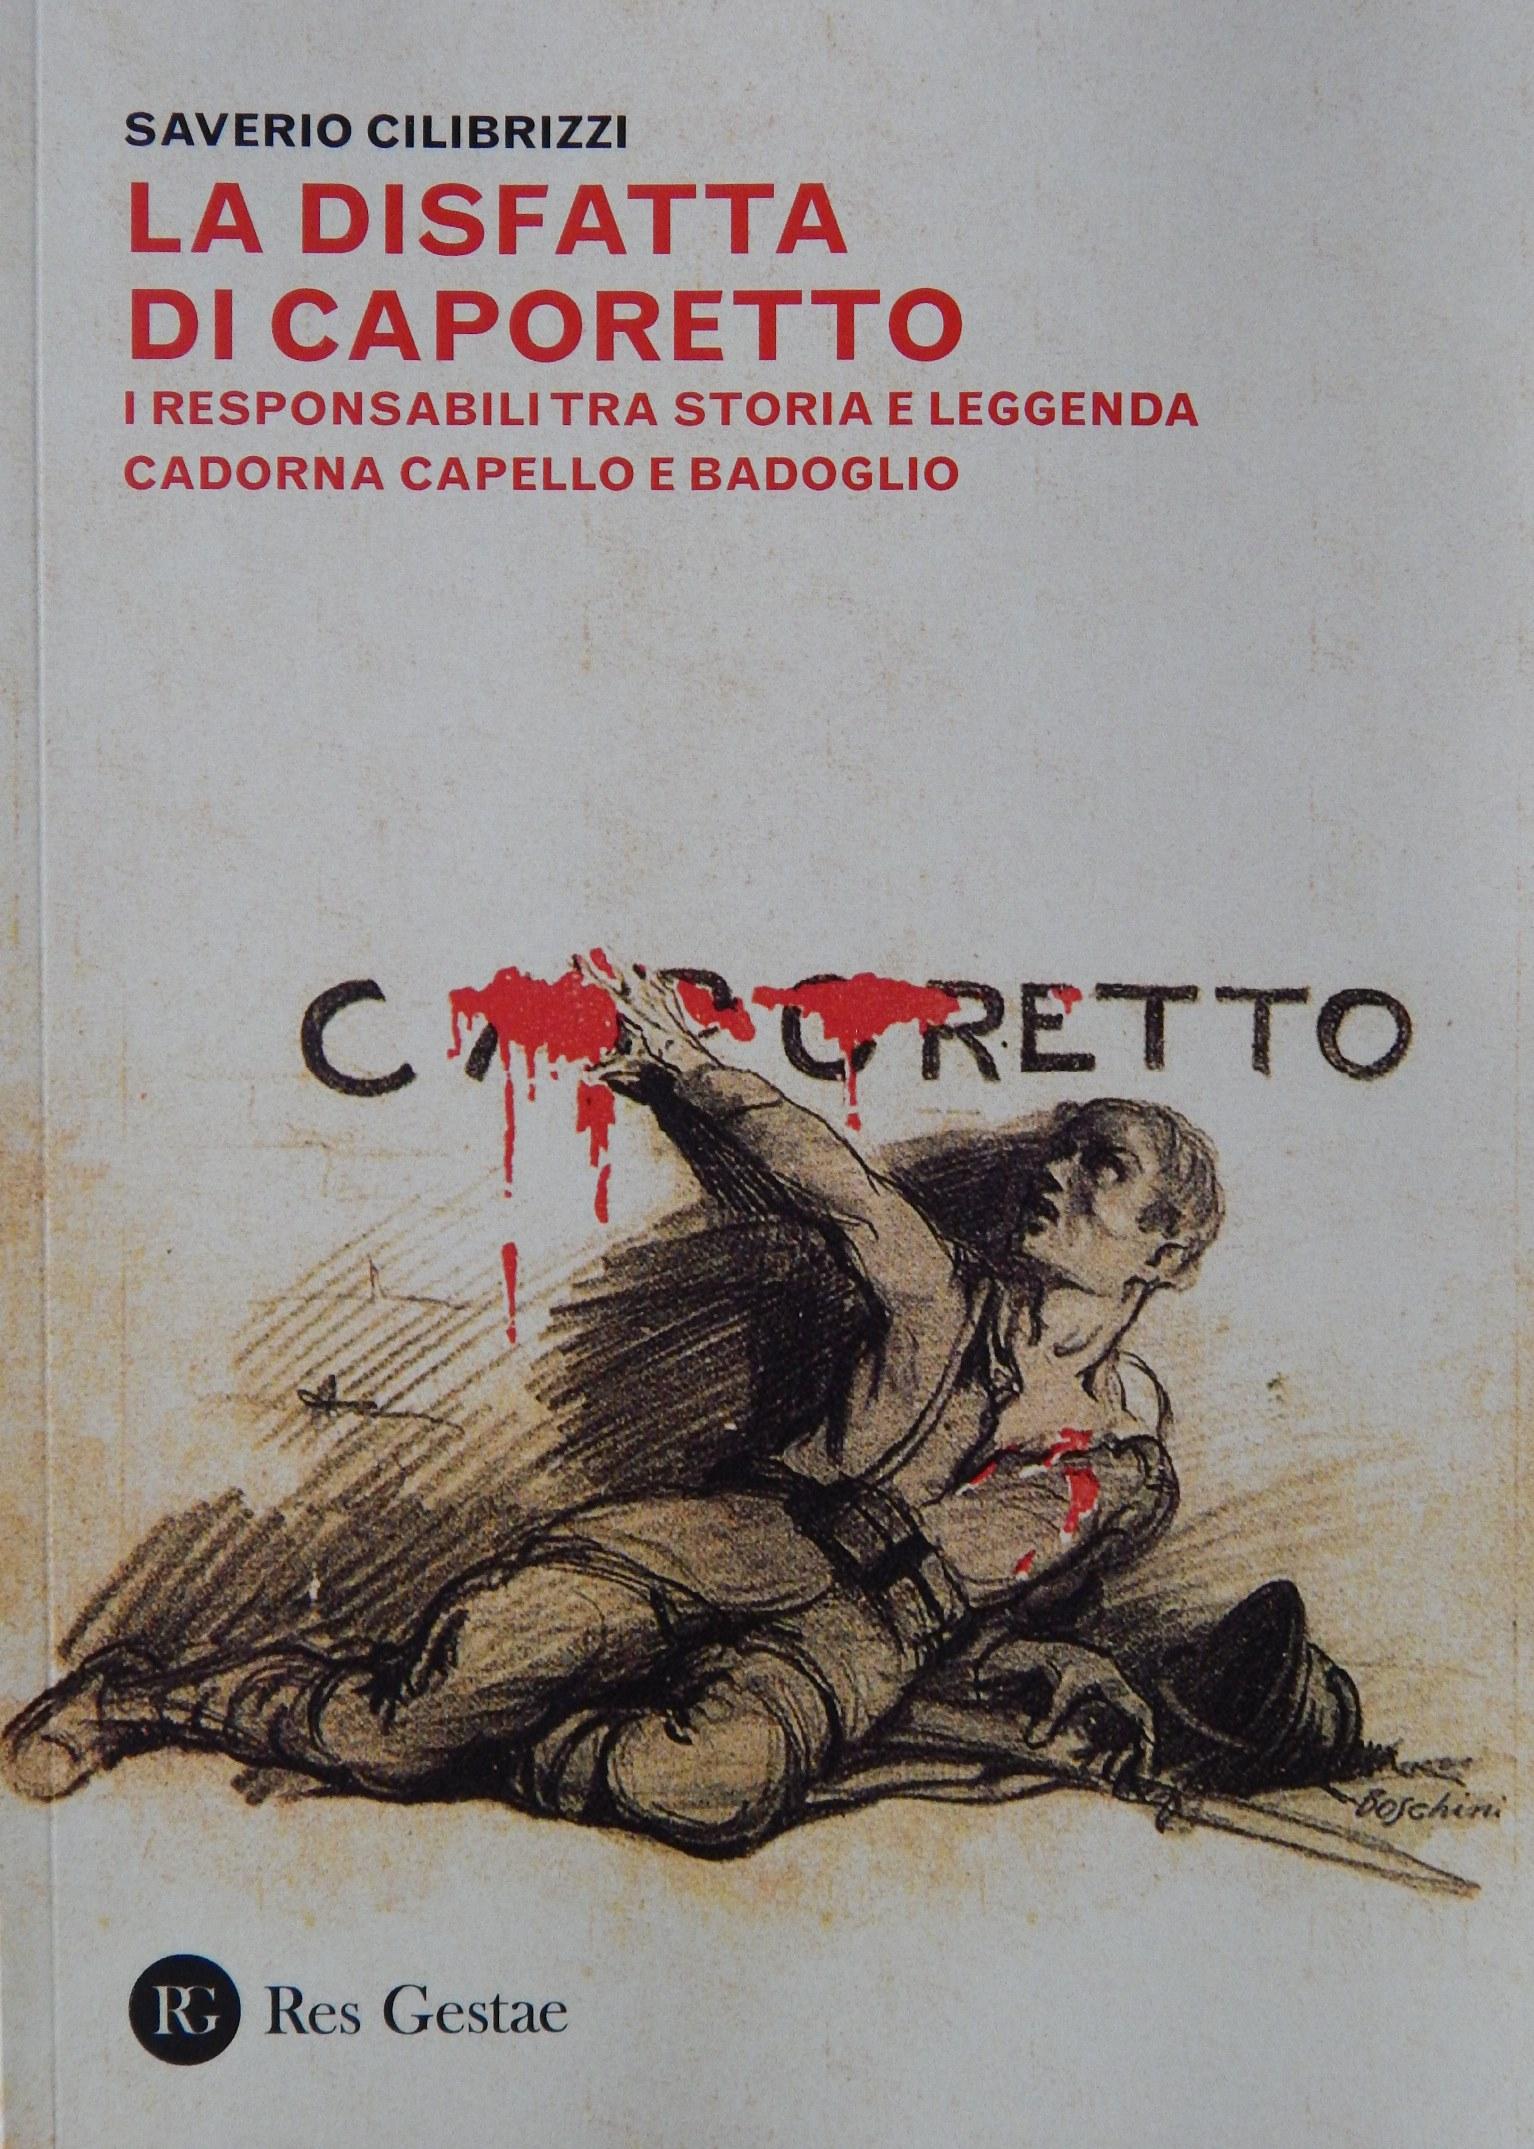 Caporetto, repetita iuvant: «La disfatta di Caporetto. I responsabili tra storia e leggenda. Cadorna Capello e Badoglio»